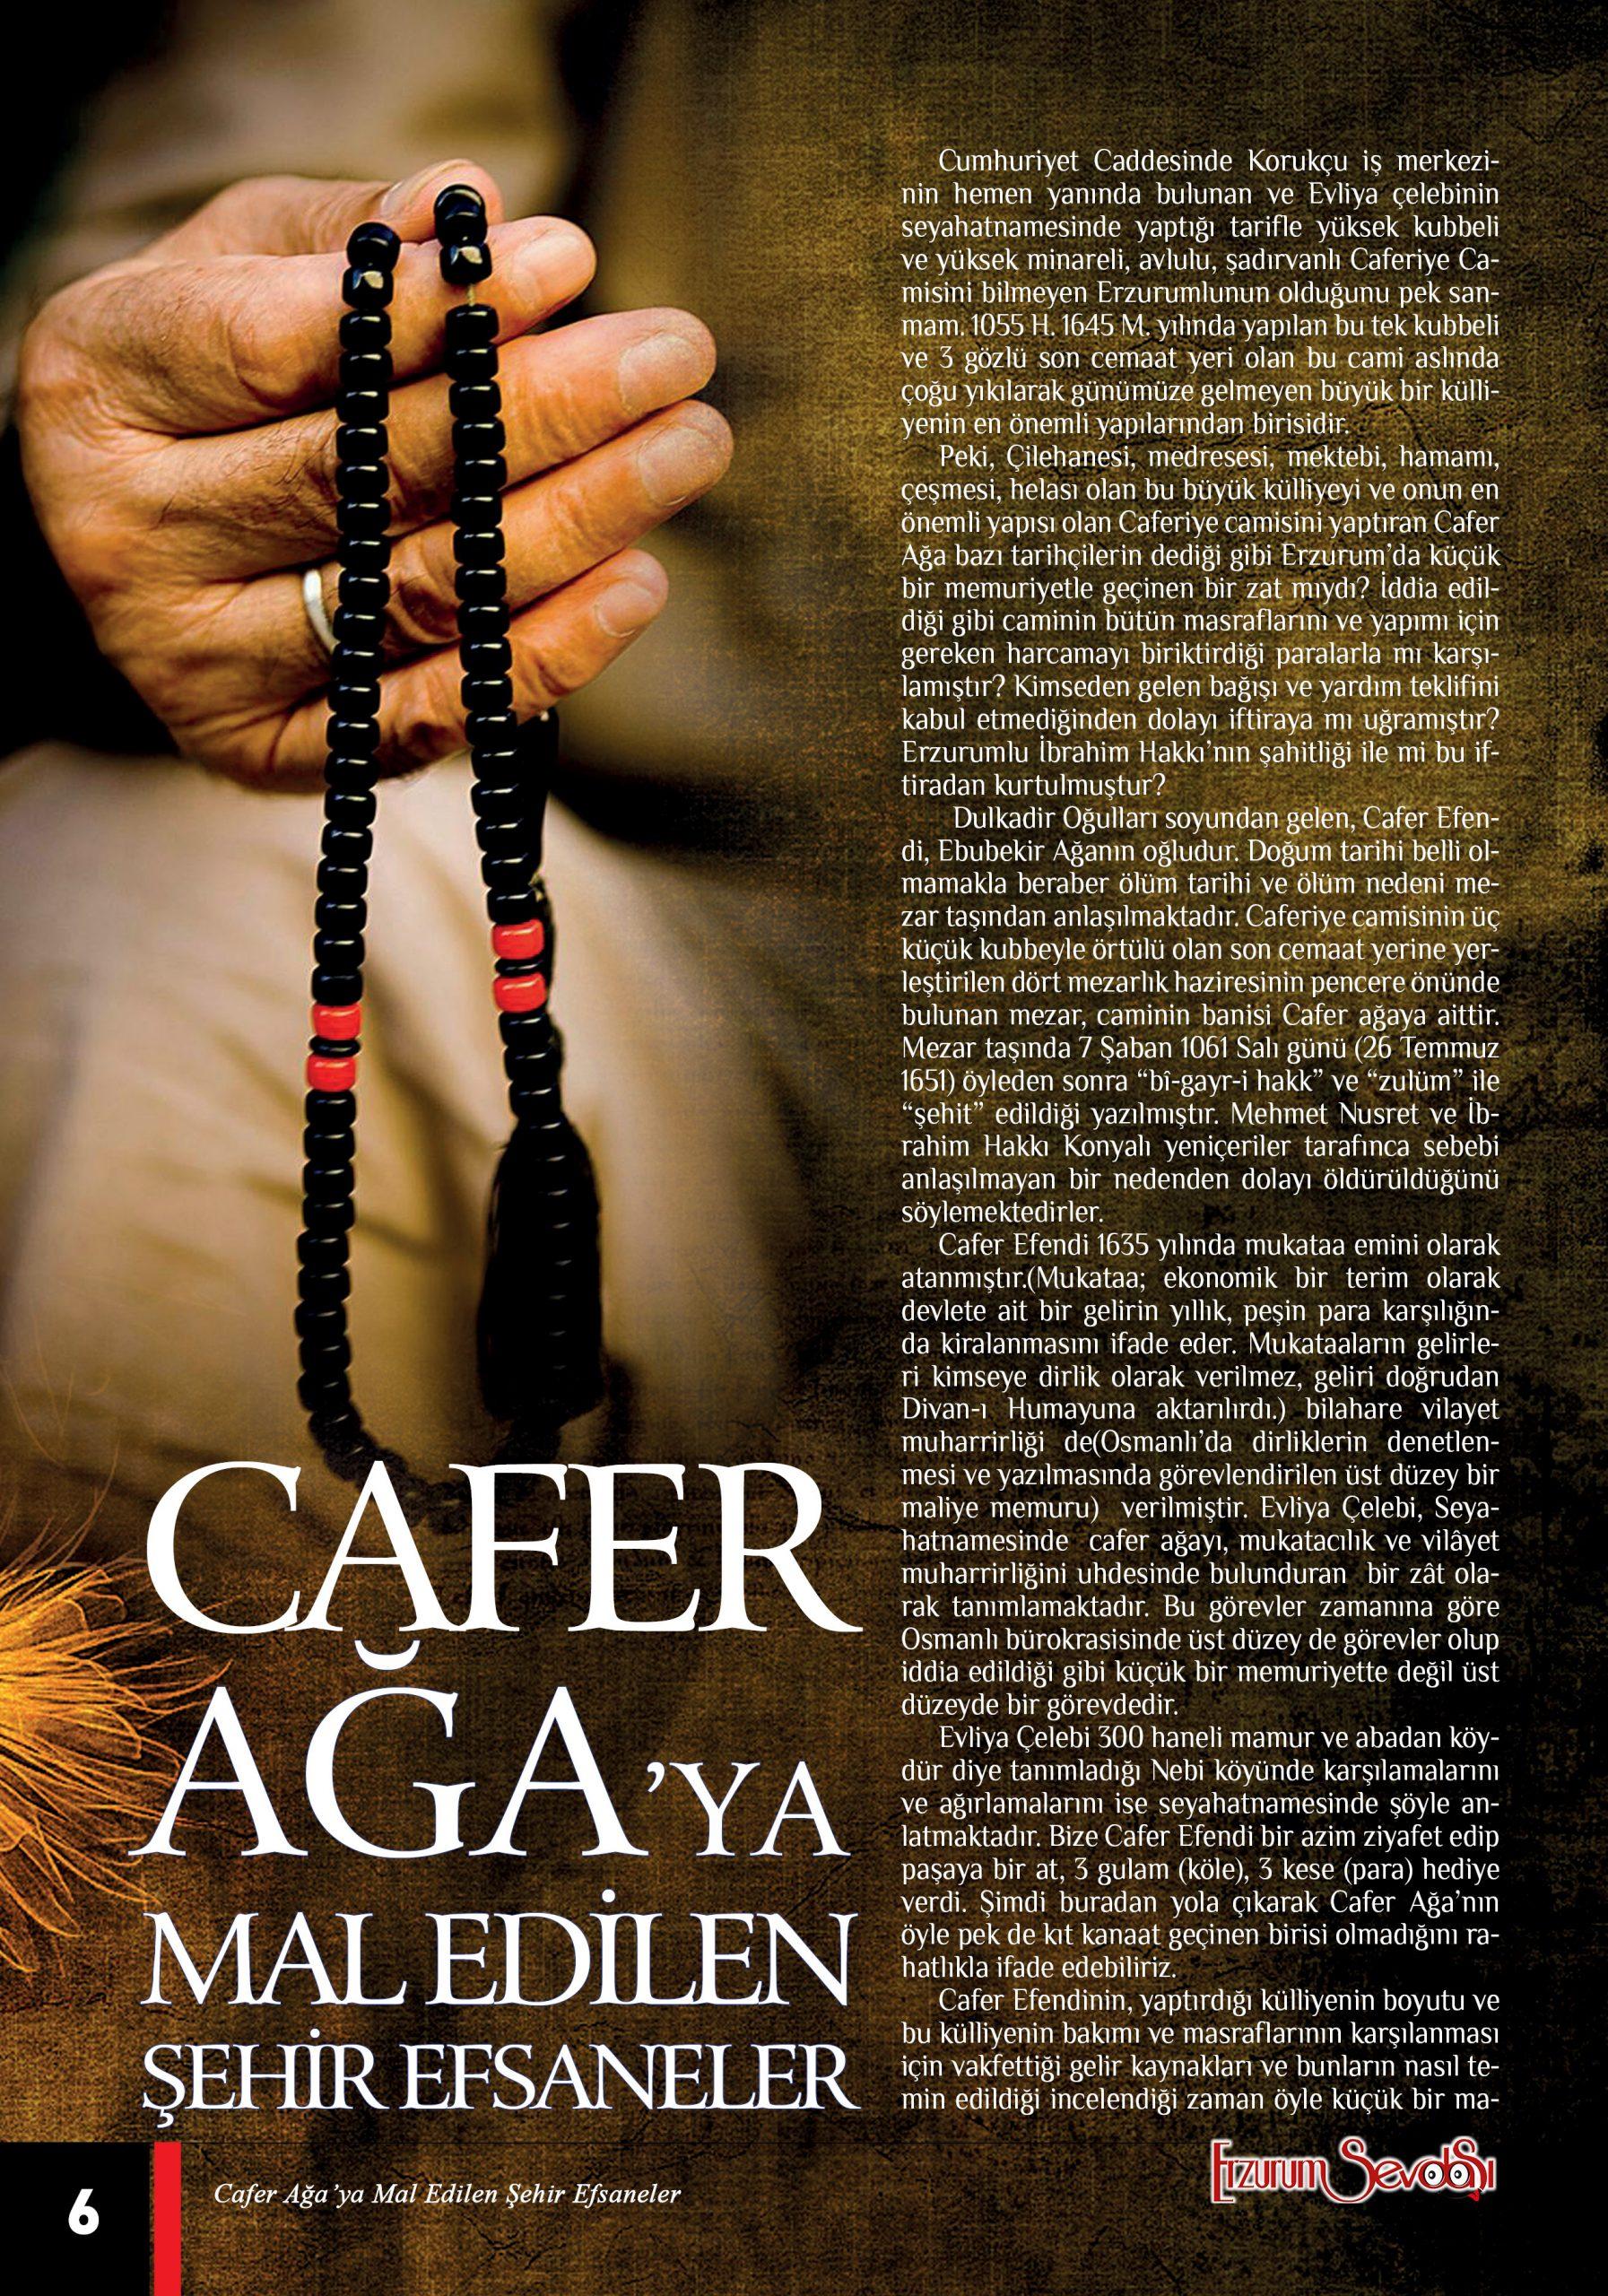 CAFER AĞA'YA MAL EDİLEN ŞEHİR EFSANELERİ